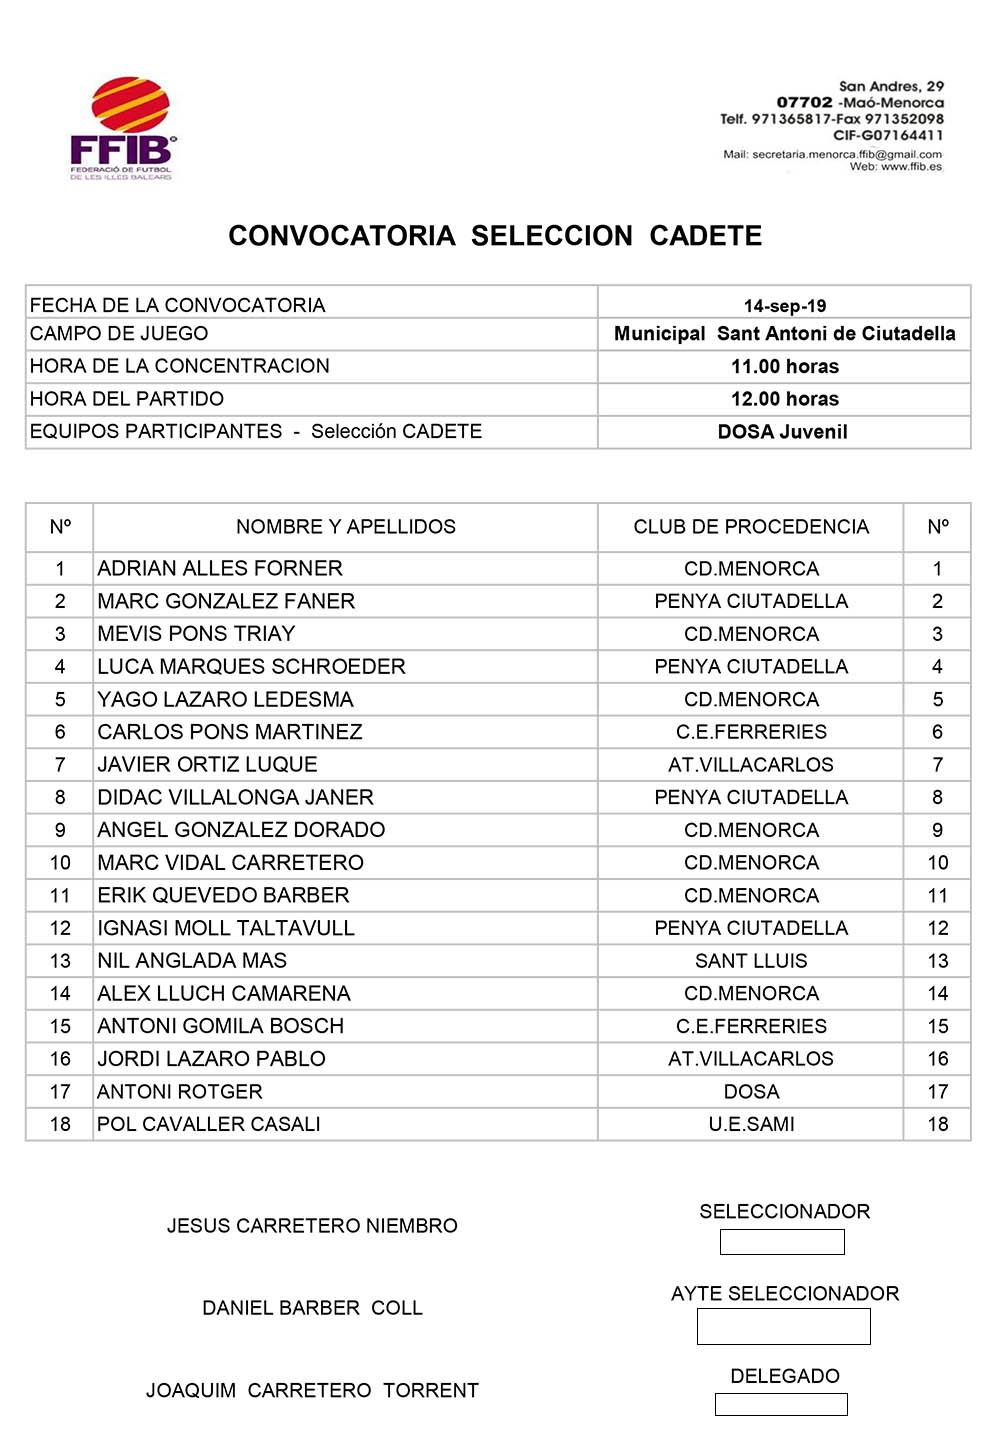 CONVOCATÒRIA-SELECCIÓ-CADET-190914